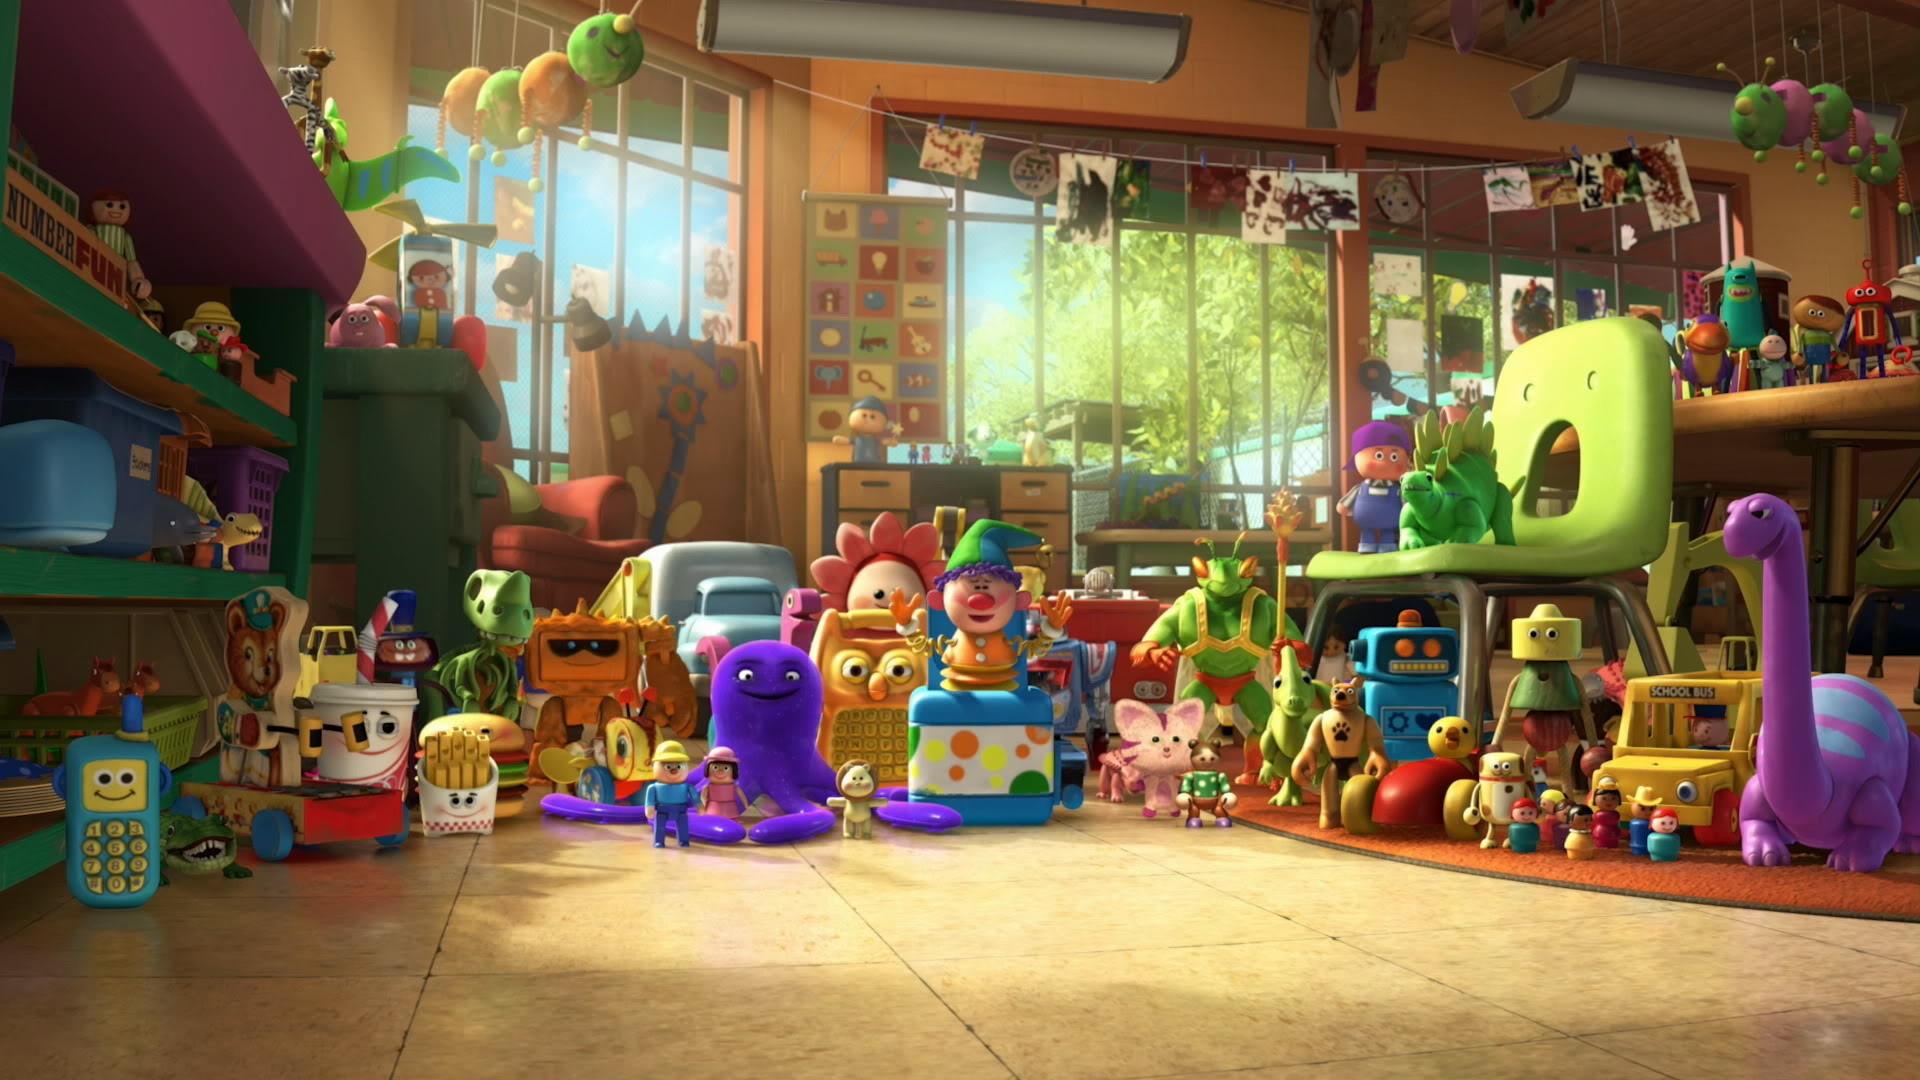 Fondos de Toy Story 1,2 y 3 Wallpapers